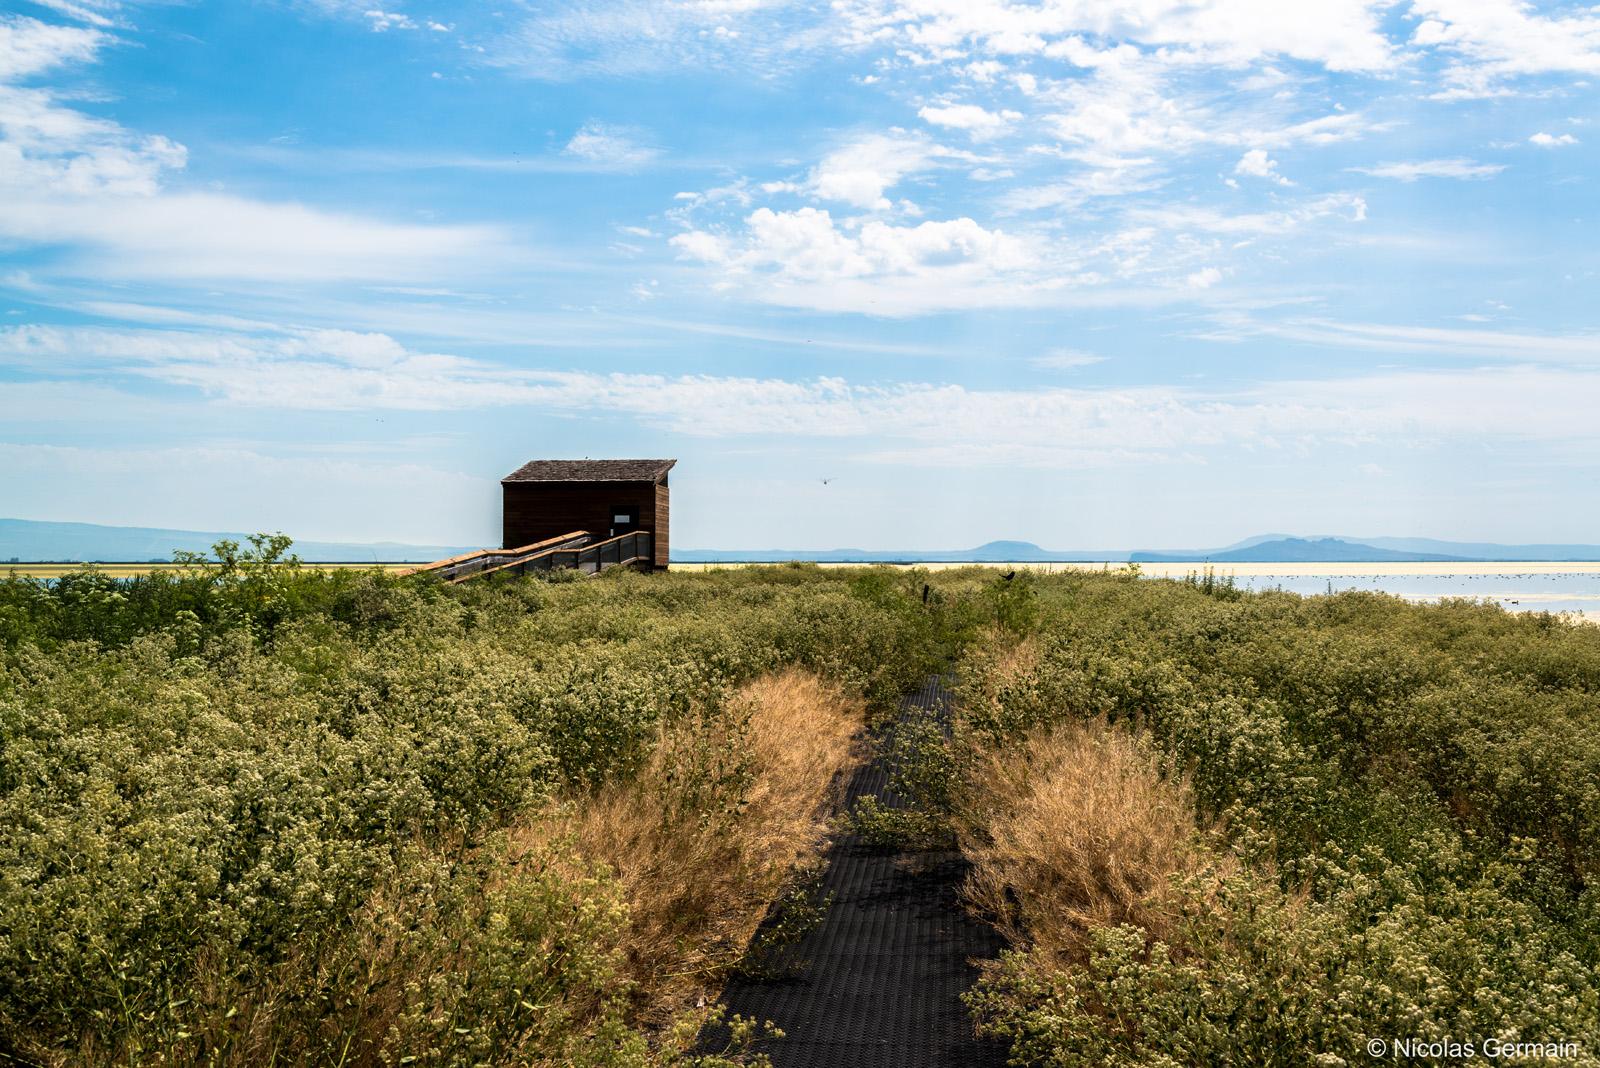 Cache à oiseaux au bord de Tule Lake, Californie